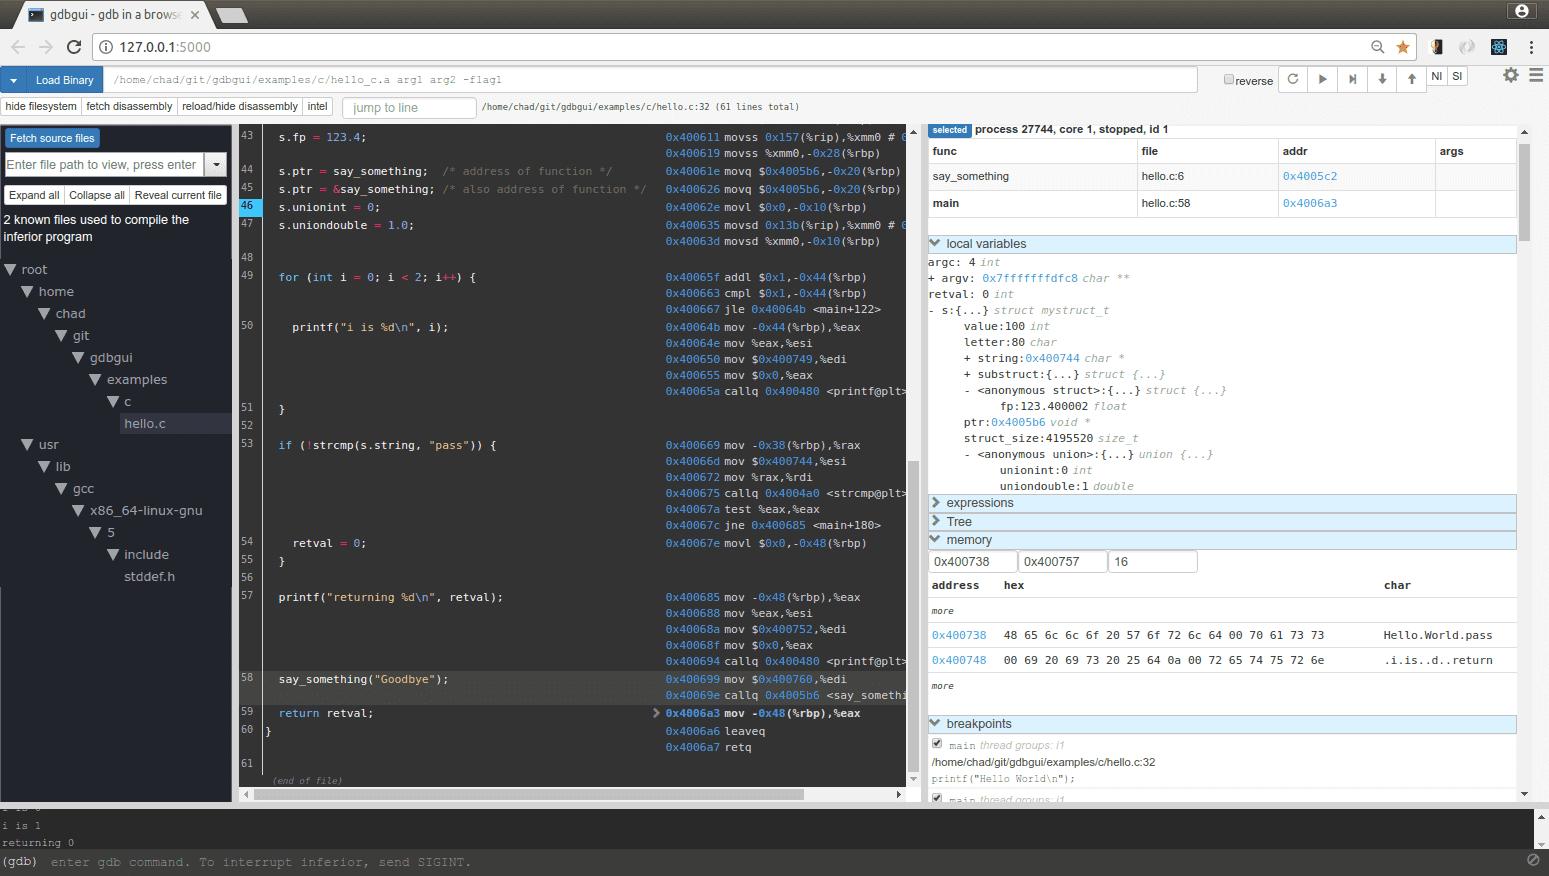 gdbgui v0.13.2.1 released: Browser-based frontend to gnu debugger